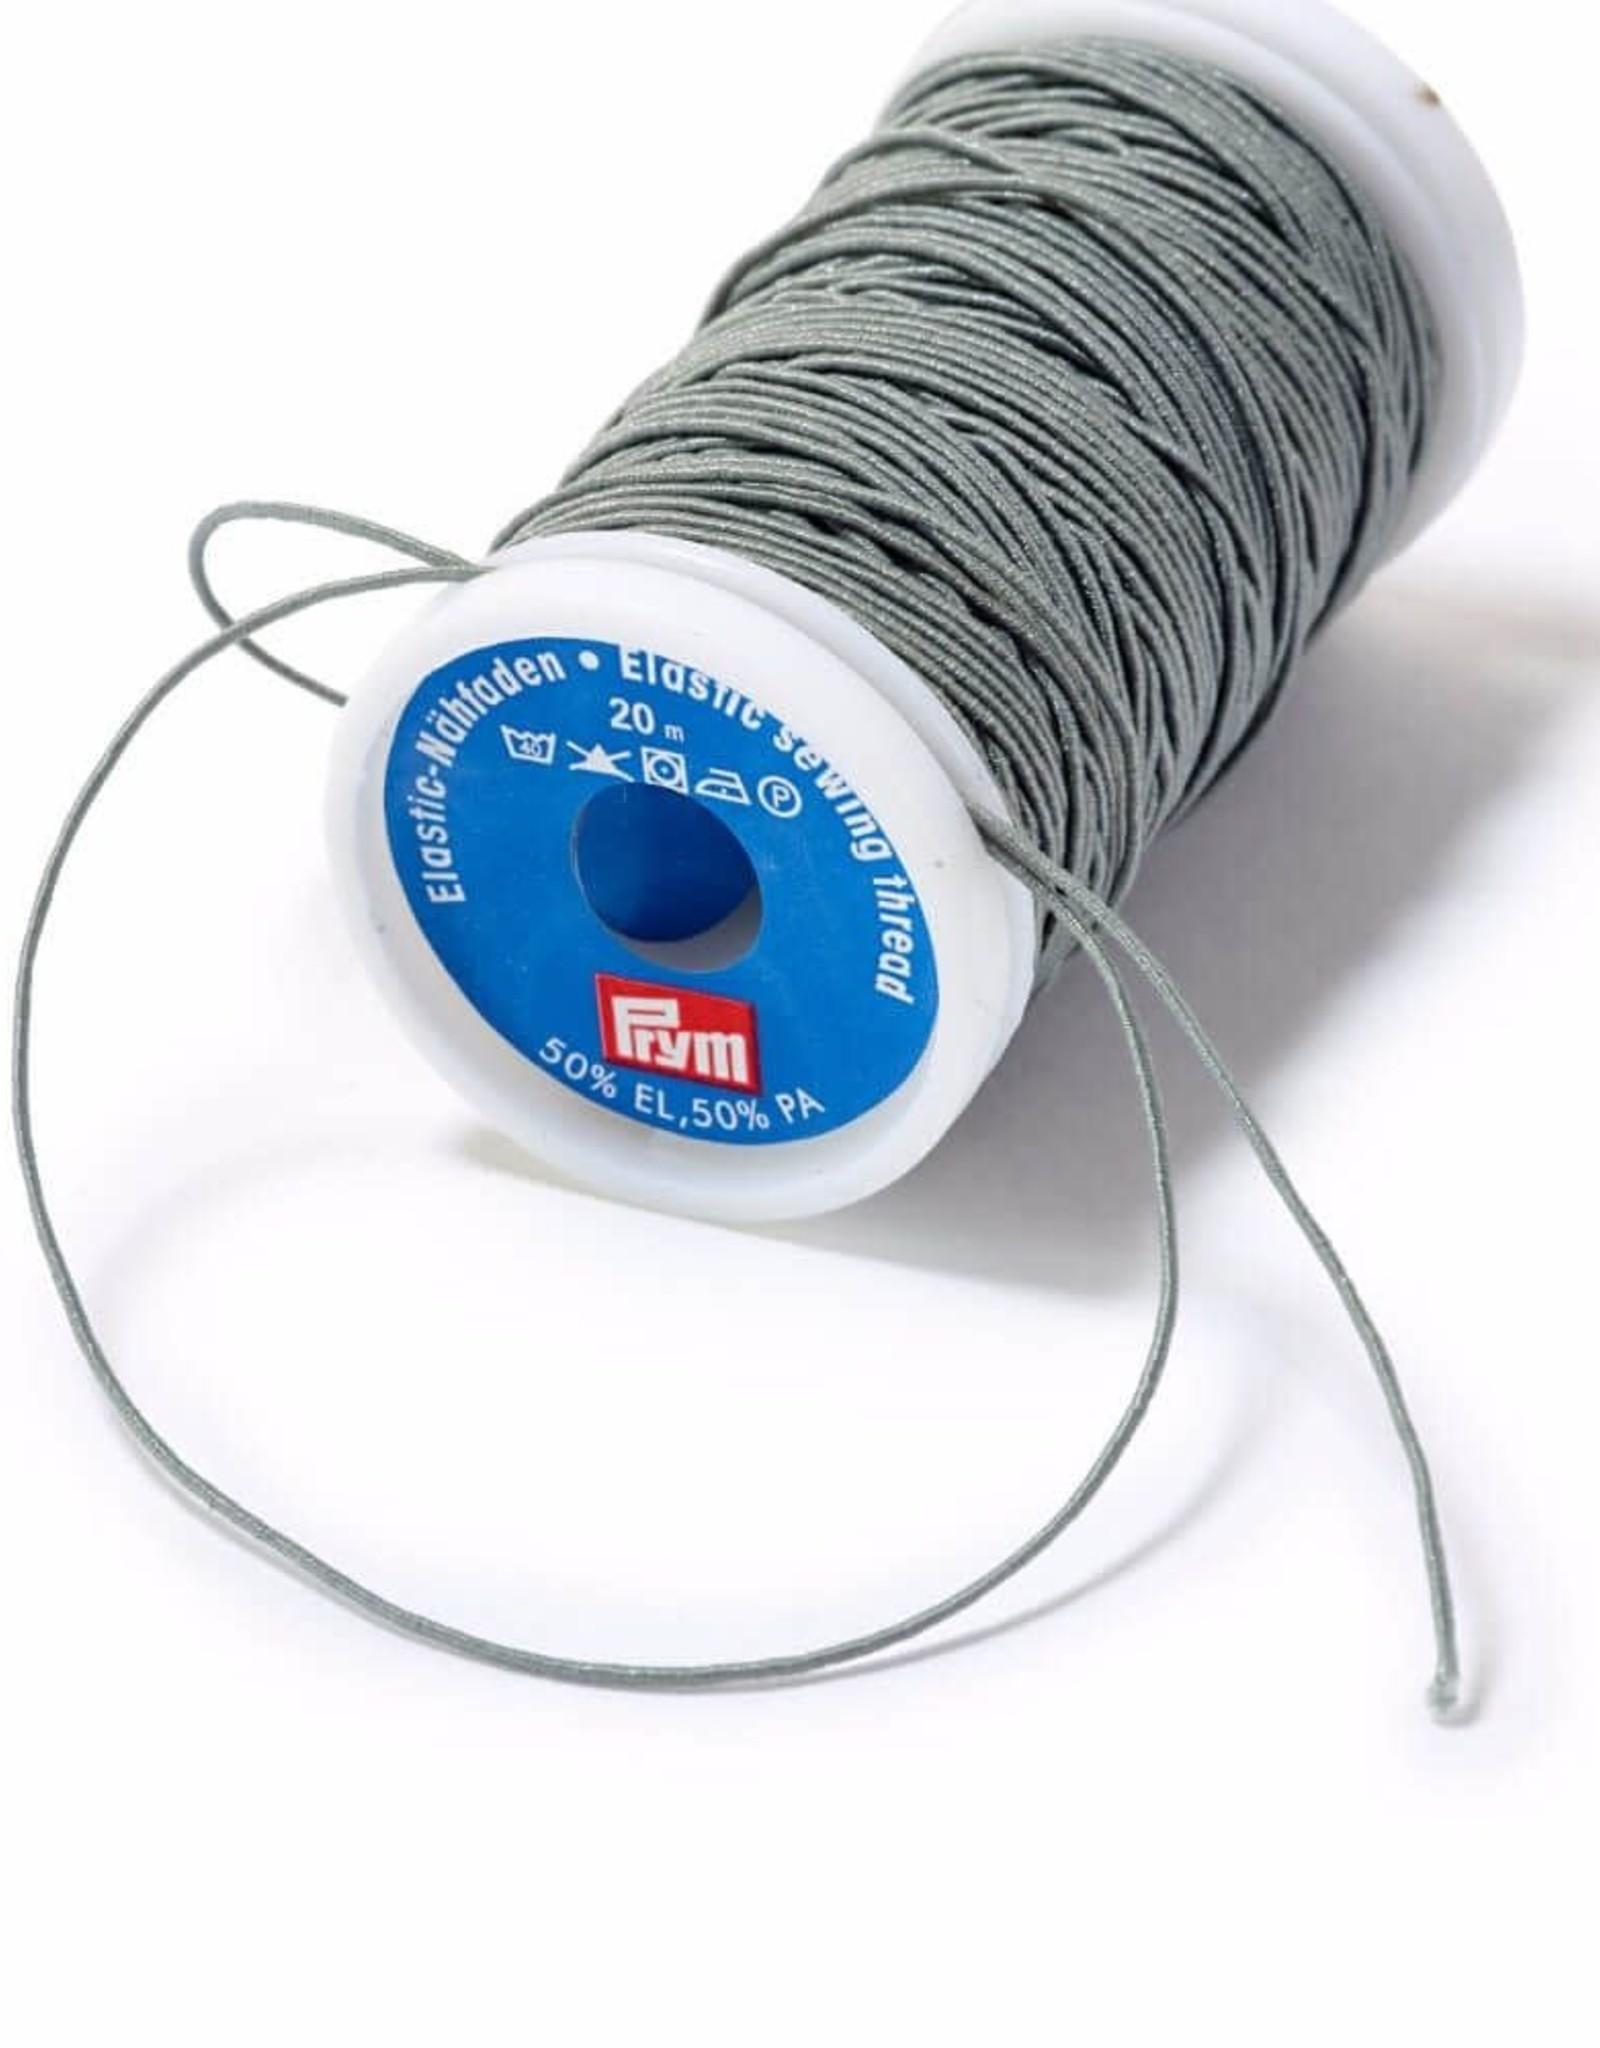 Prym elastisch naaigaren 0.5mm grijs